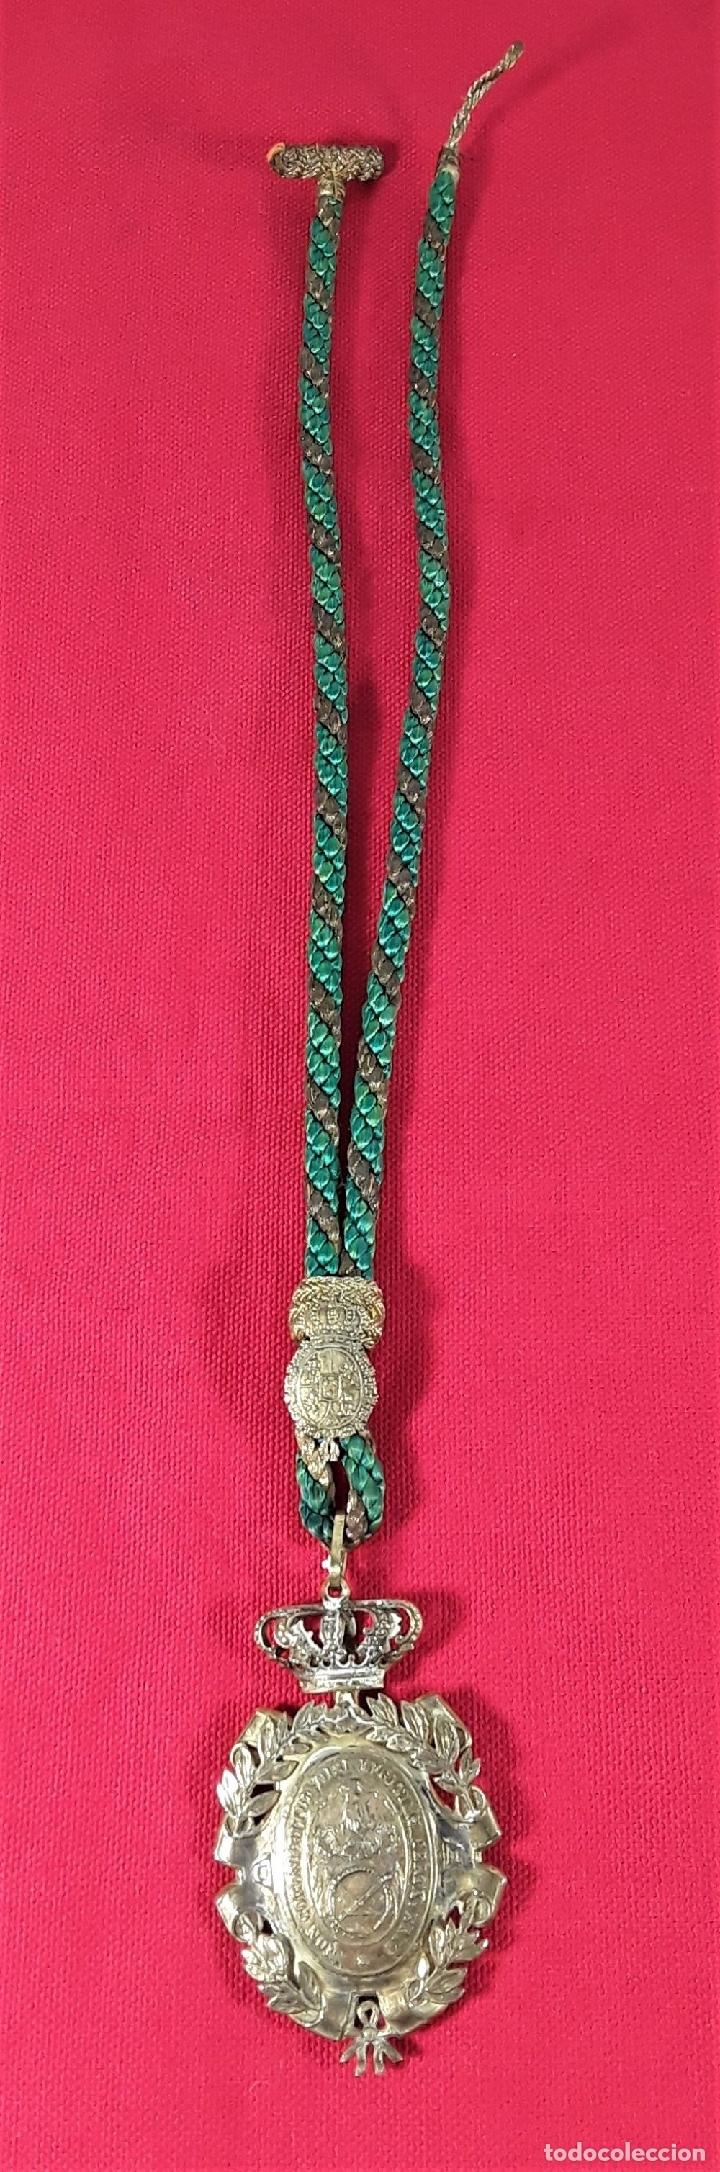 Medallas condecorativas: CONDECORACIÓN EN PLATA. REAL ACADEMIA DE NOBLES ARTES DE SN. FERNANDO. - Foto 2 - 178759653